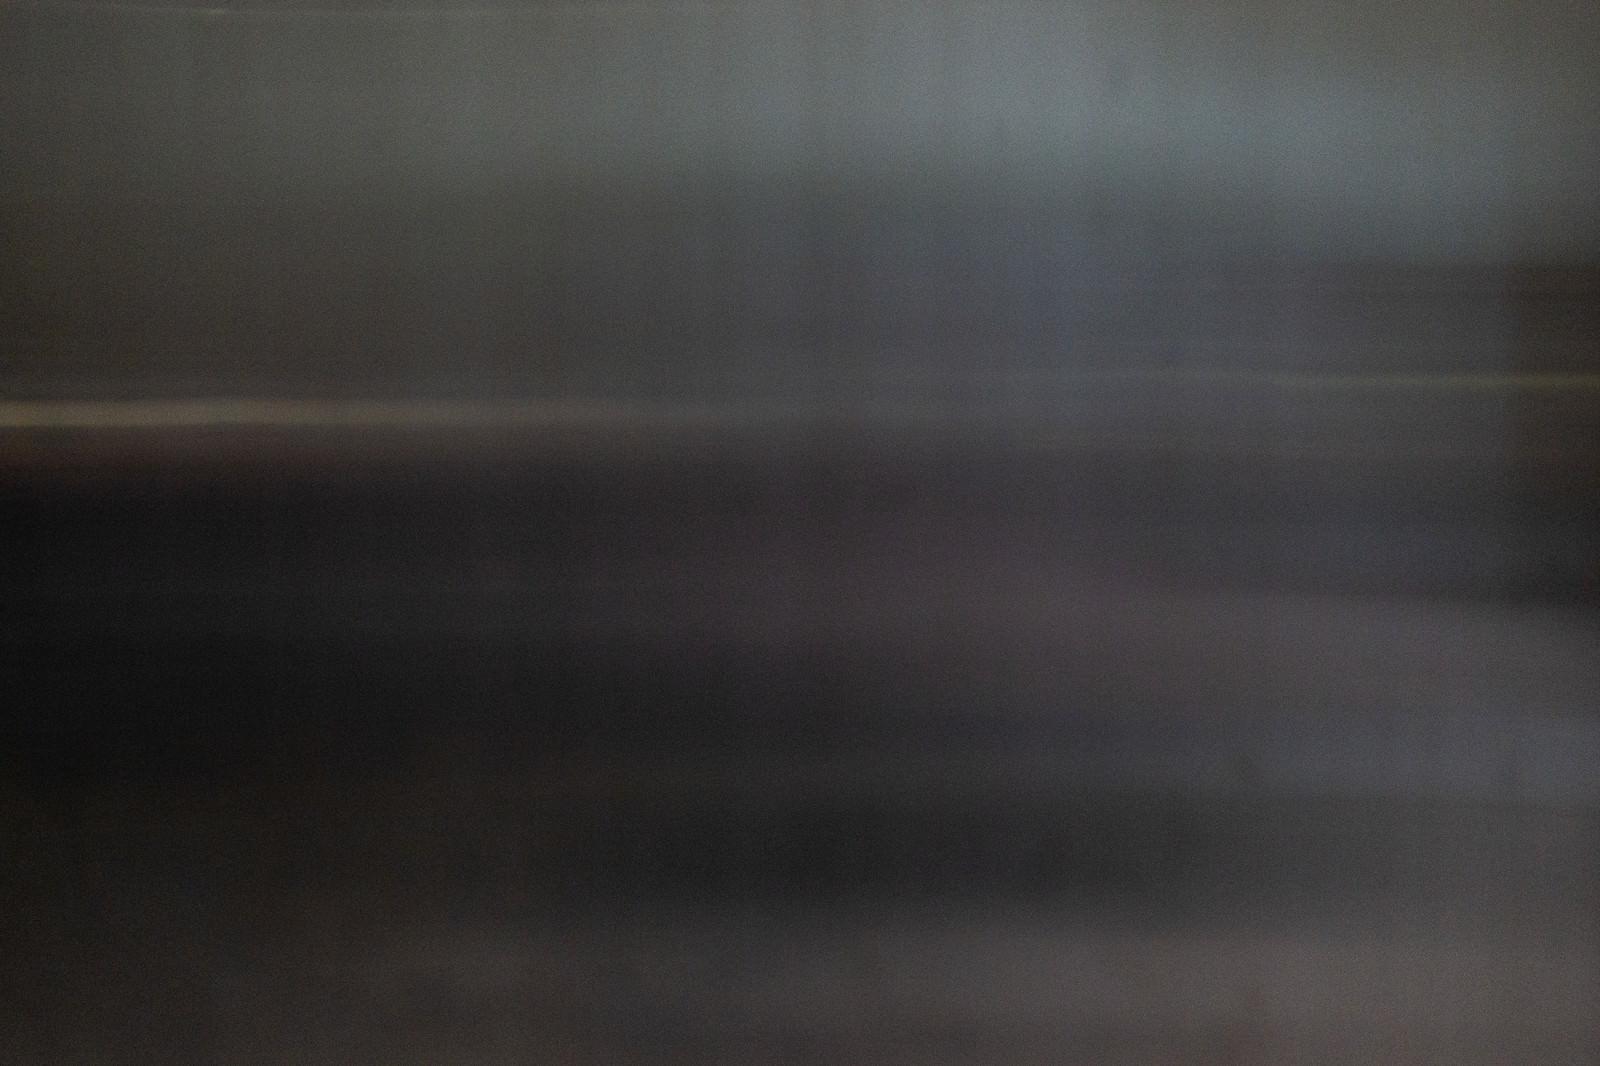 「薄暗い空間(テクスチャ)」の写真